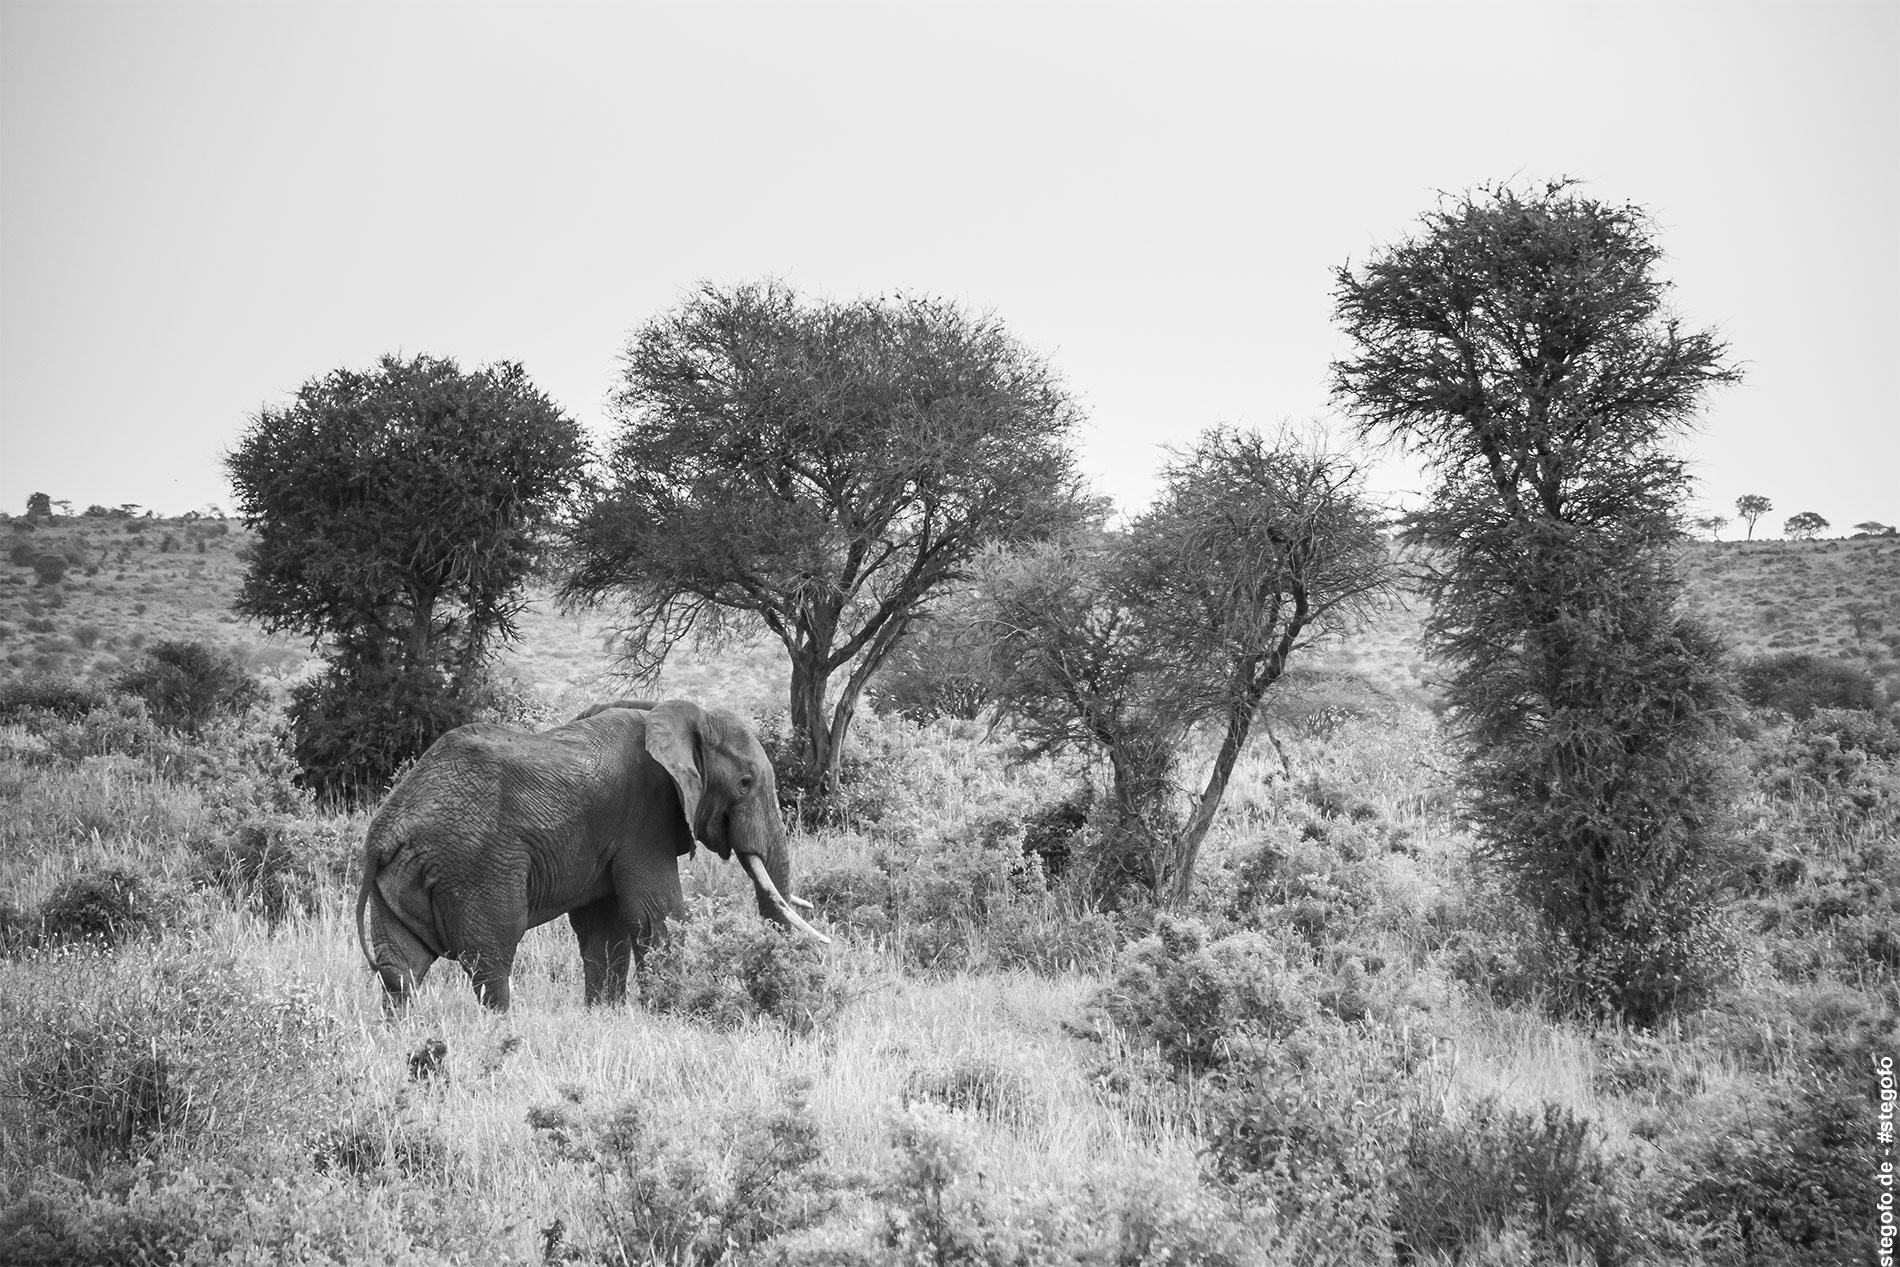 Der einsame Elefant in der Wildnis - Kenia - 02.2014